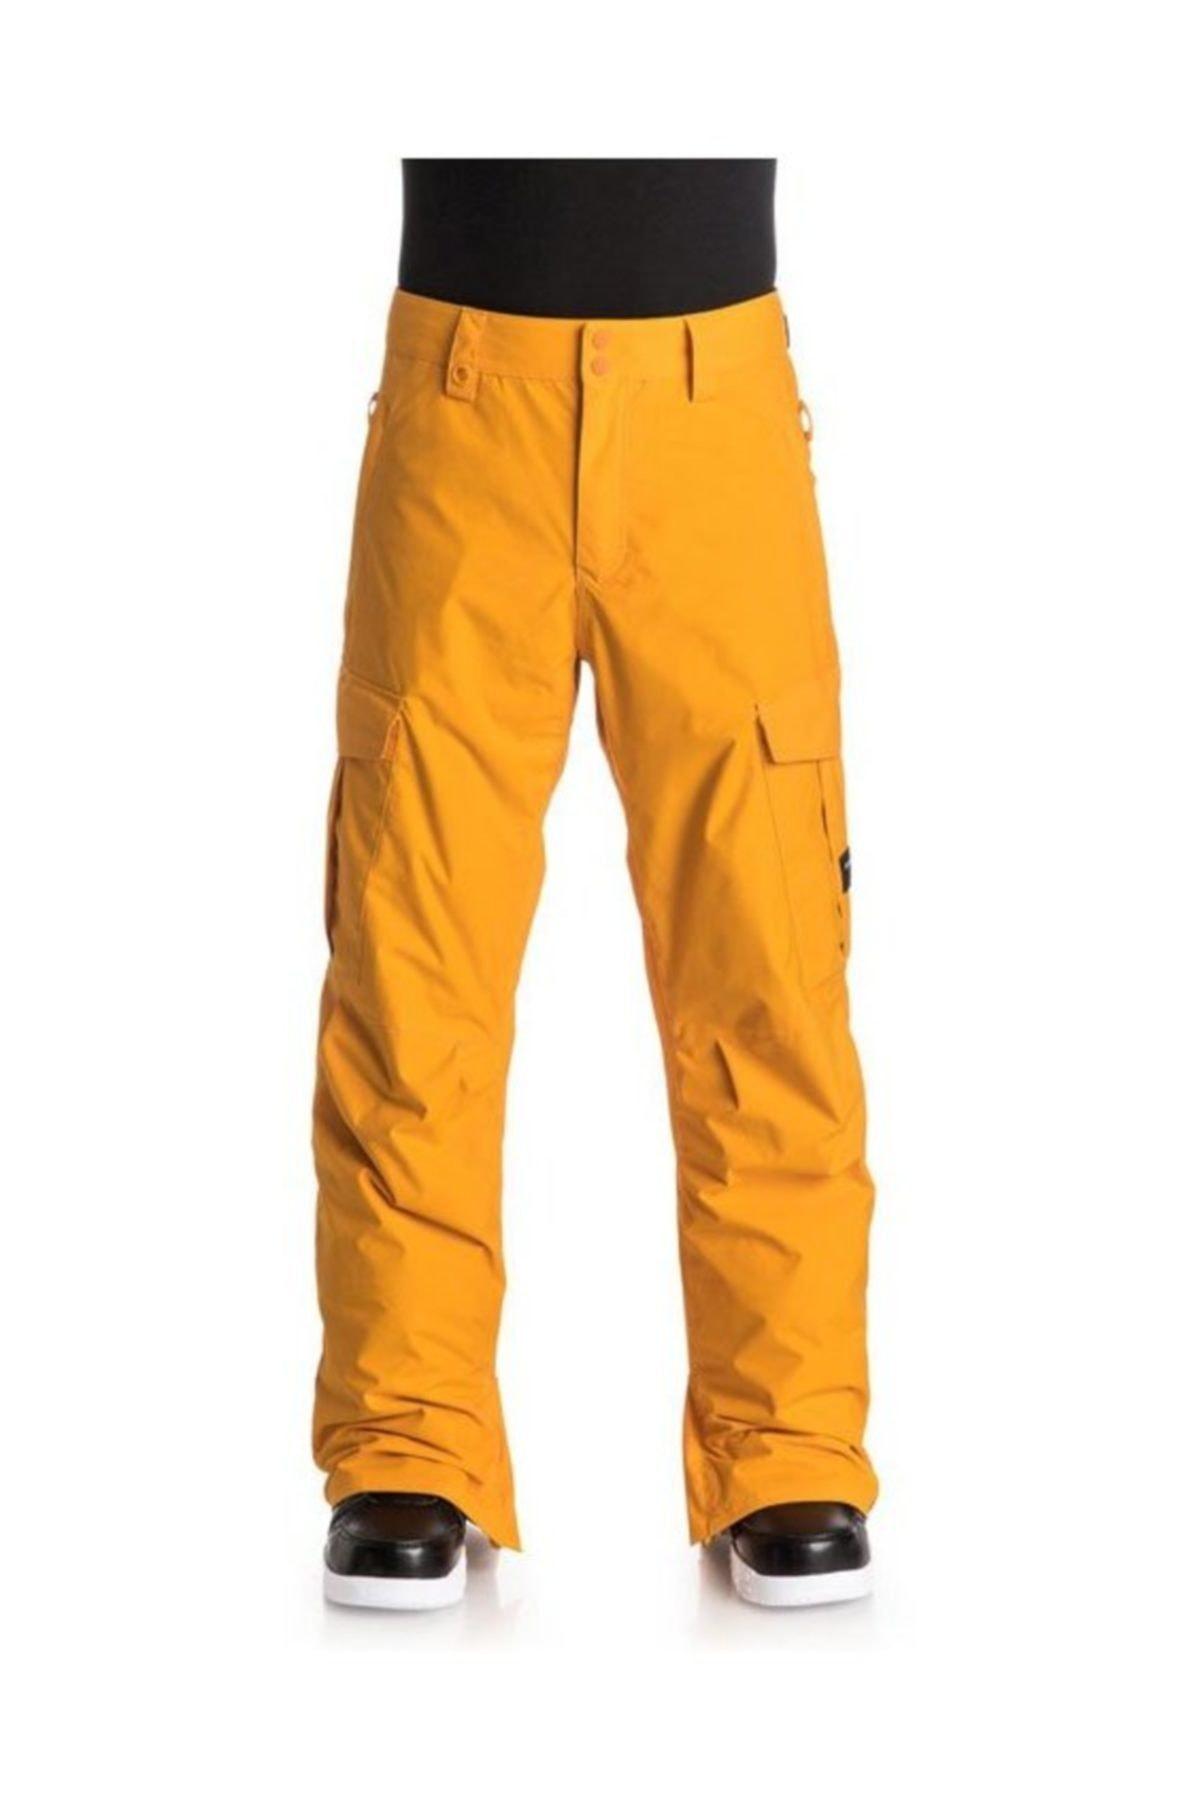 Quiksilver Porter Ins Erkek Kayak ve Snowboard Pantolonu Sarı 1